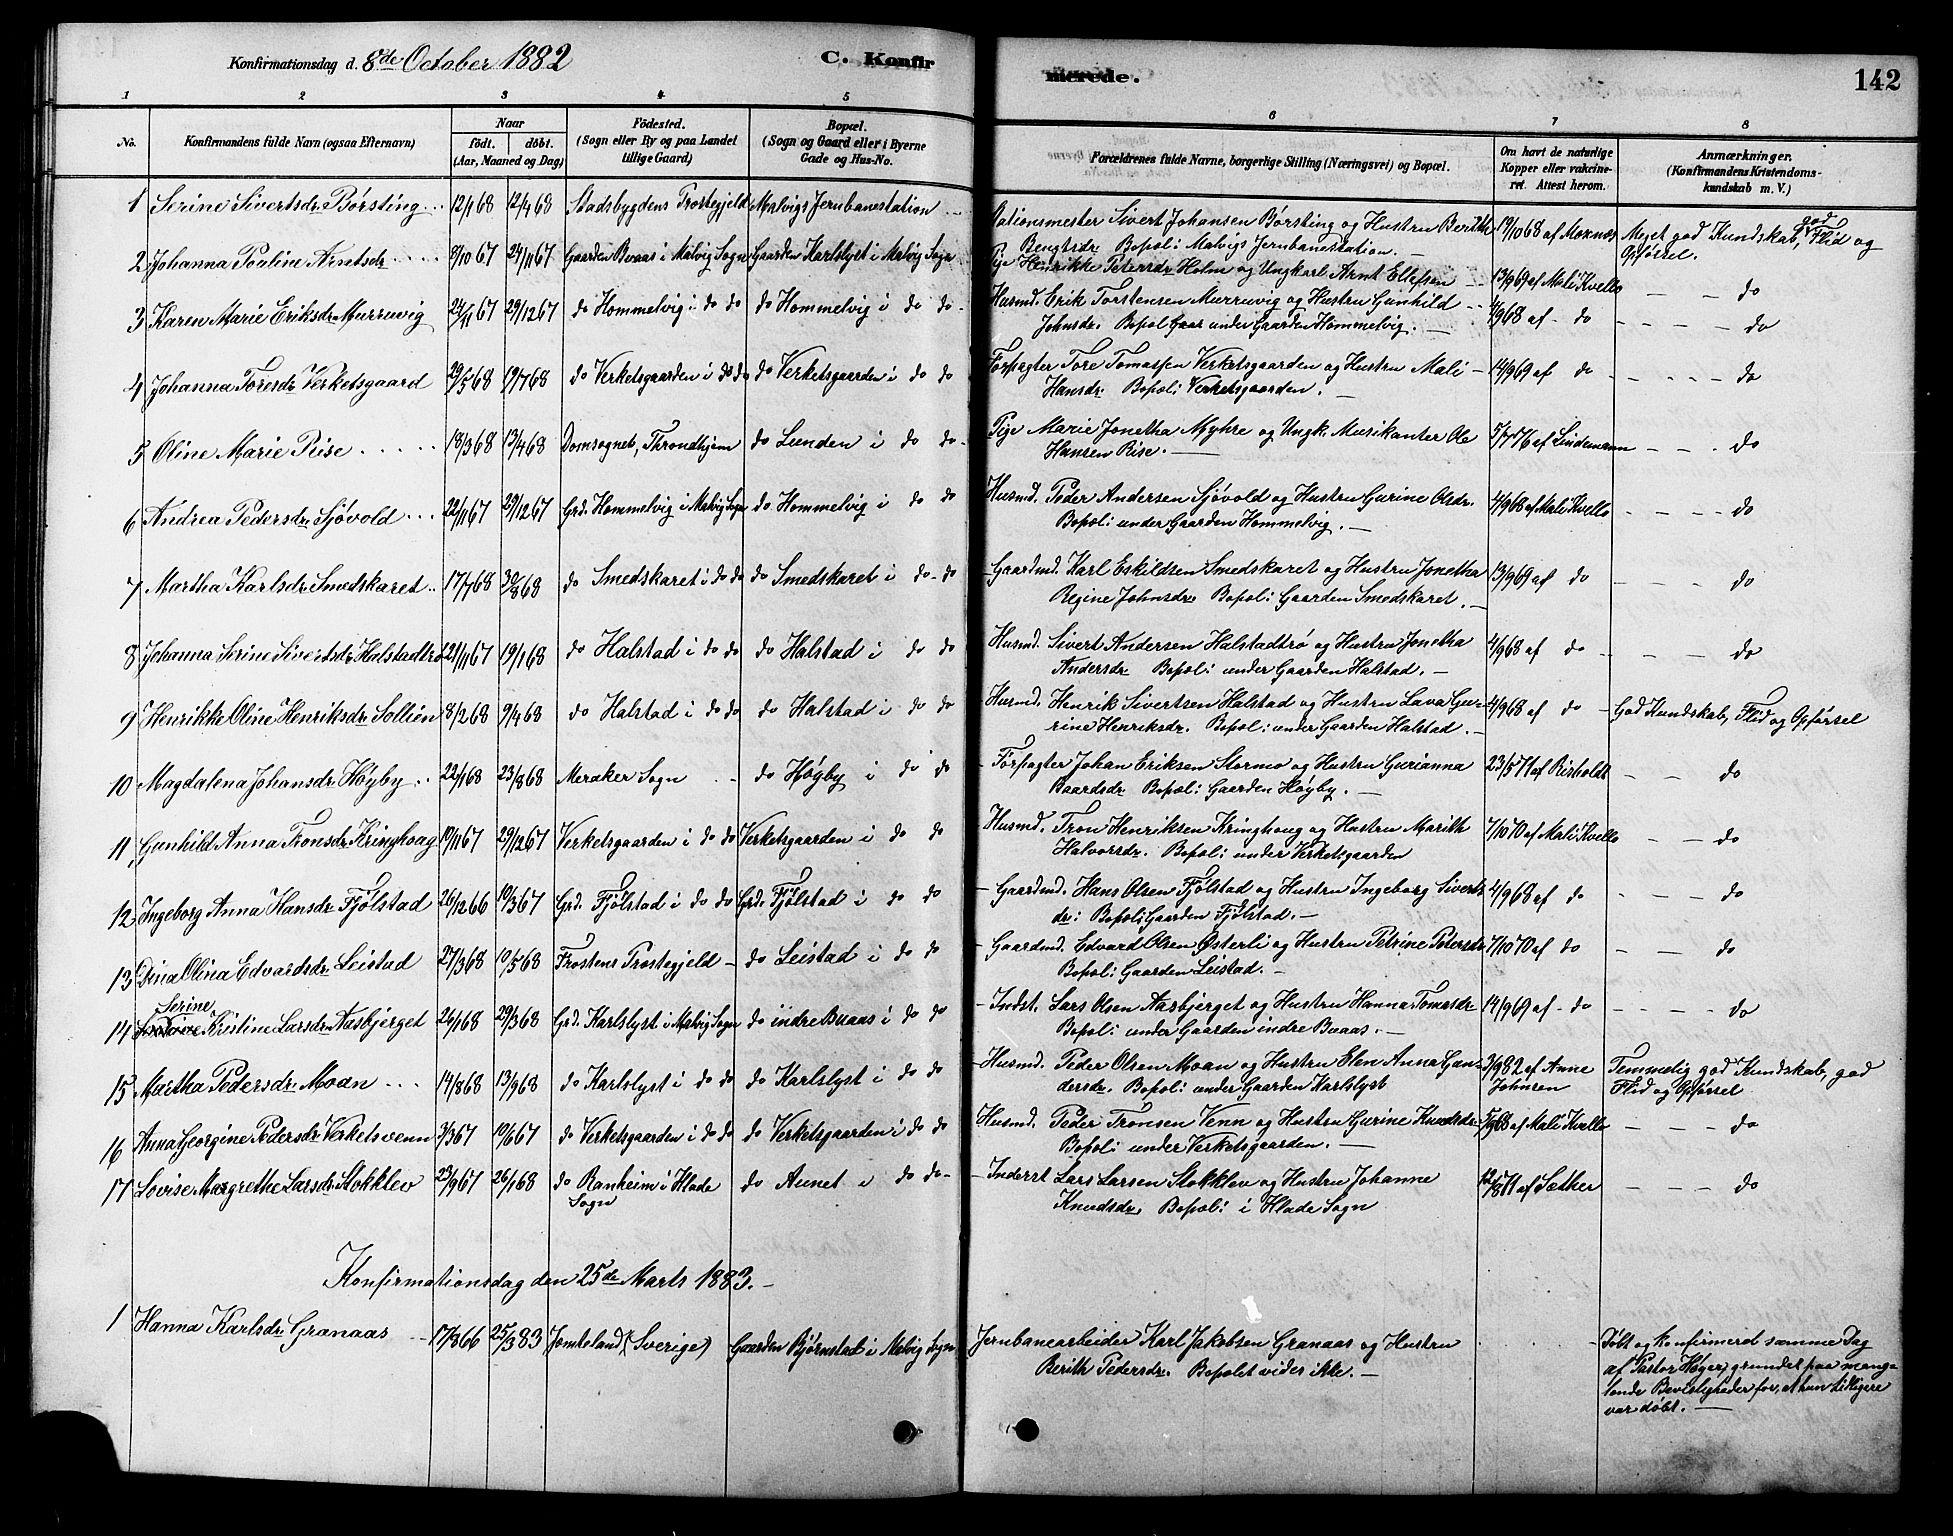 SAT, Ministerialprotokoller, klokkerbøker og fødselsregistre - Sør-Trøndelag, 616/L0423: Klokkerbok nr. 616C06, 1878-1903, s. 142